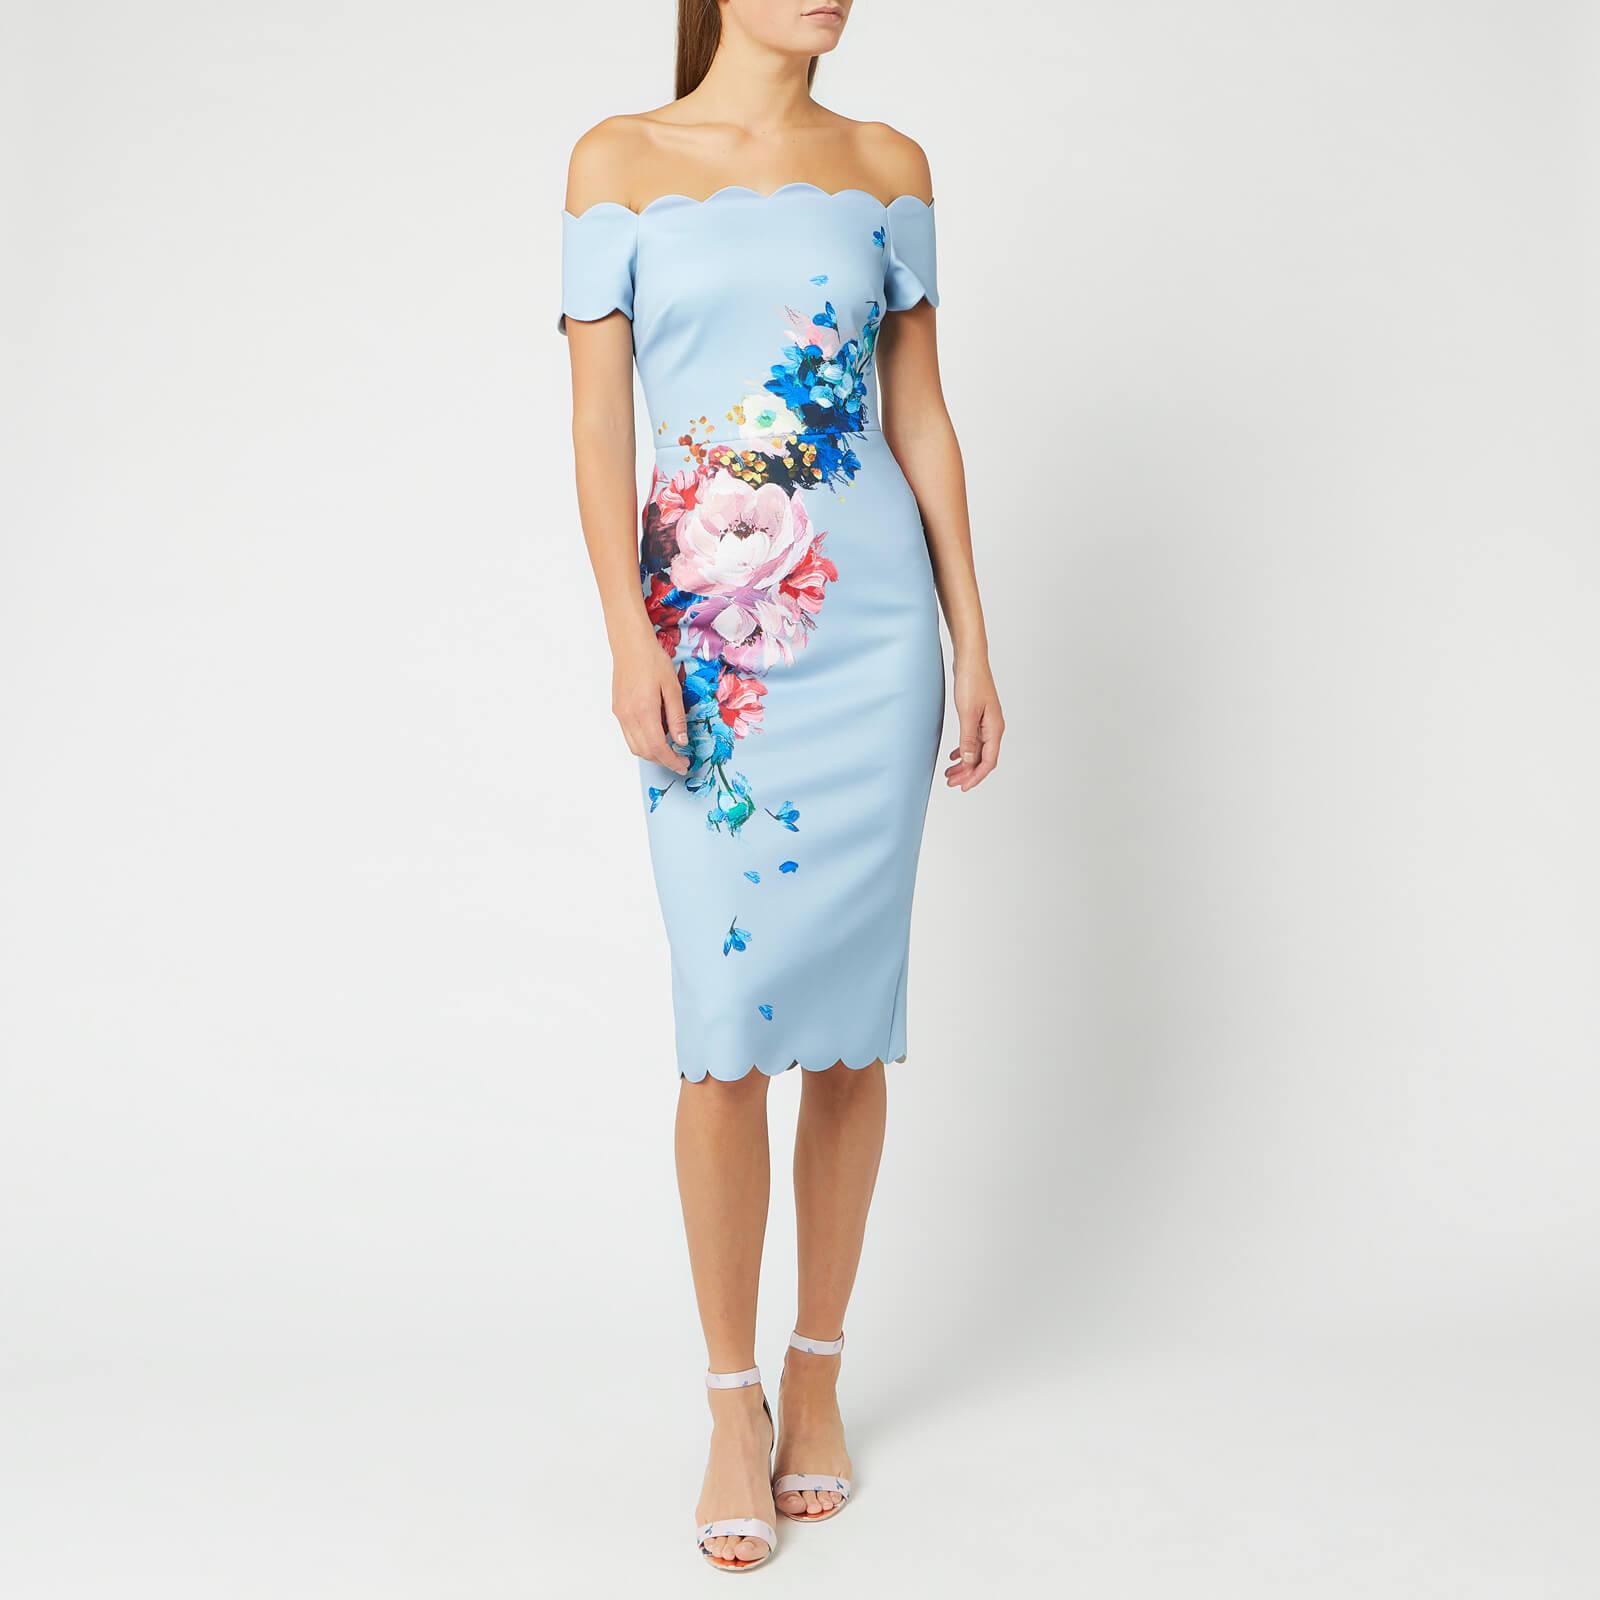 Ted Baker Women's Hailly Raspberry Ripple Bardot Dress - Light Blue - 3/UK 12 - Blue